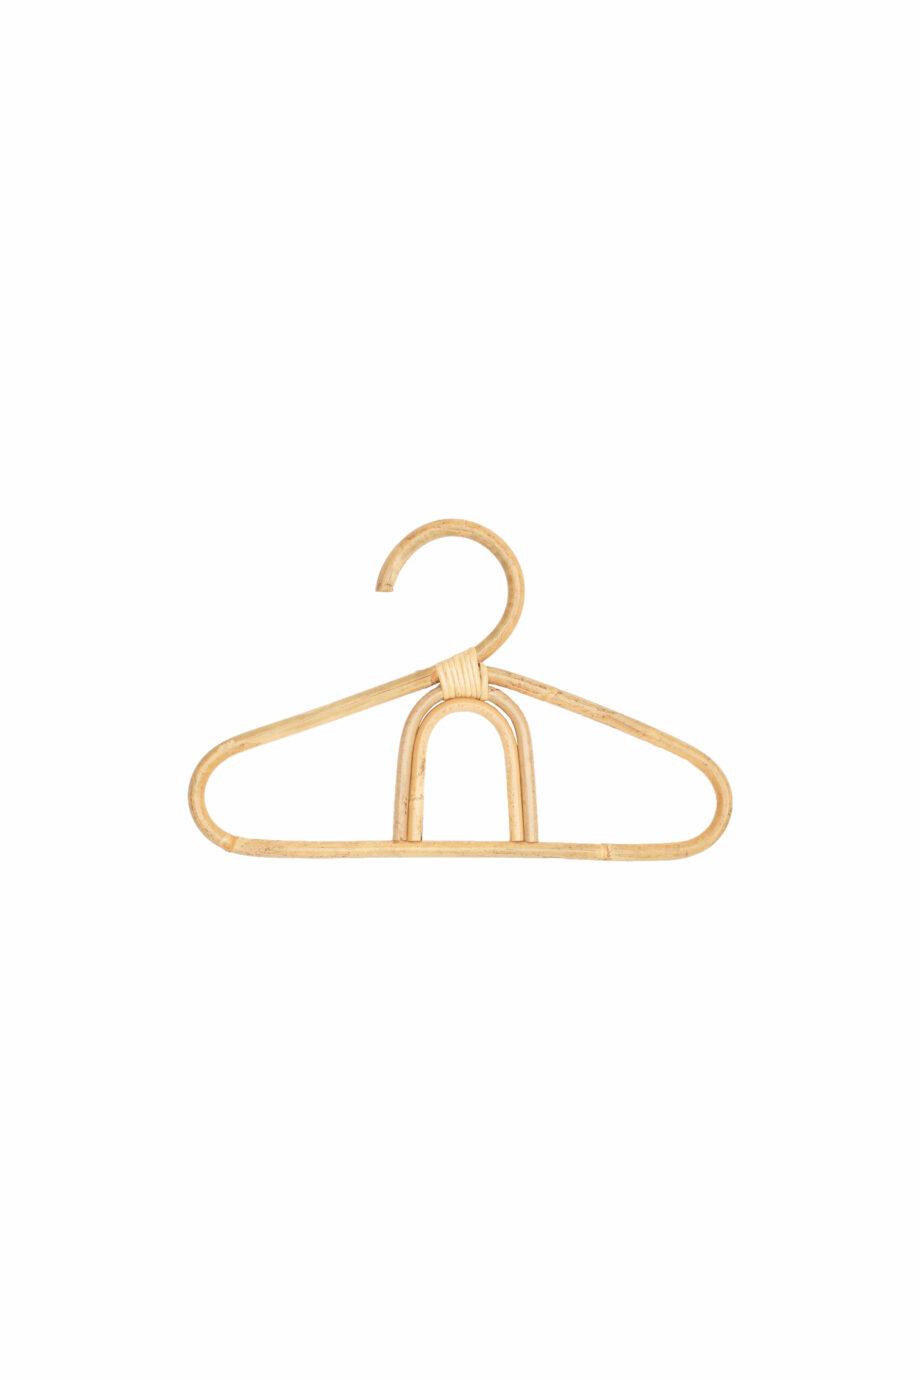 Rotan kledinghanger regenboog - Rima Baby